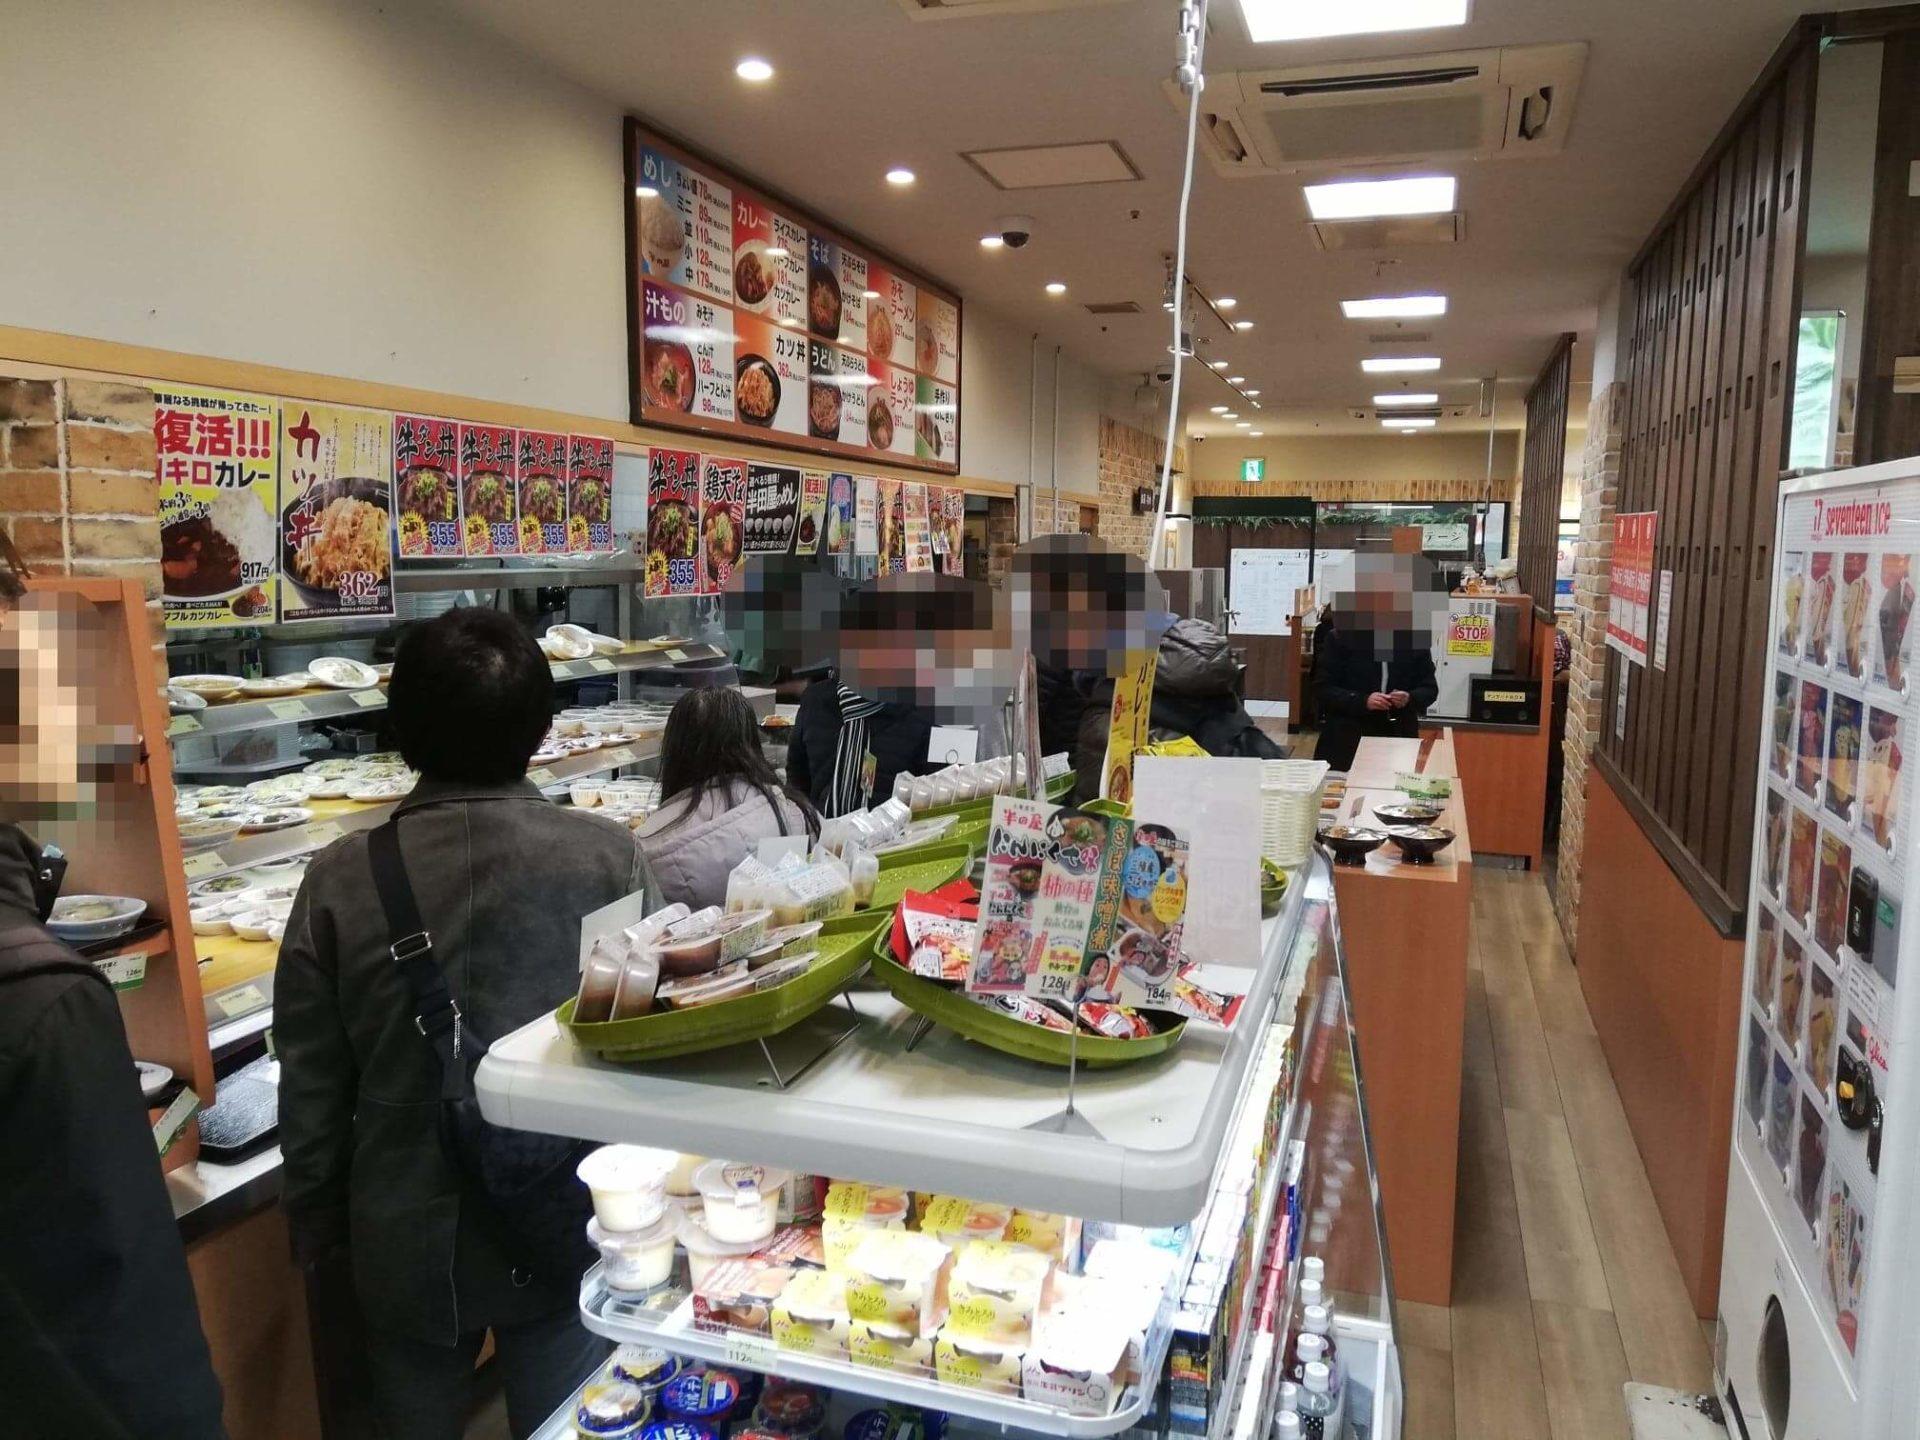 宮城県仙台市『大衆食堂半田屋東口BiVi店』の店内写真